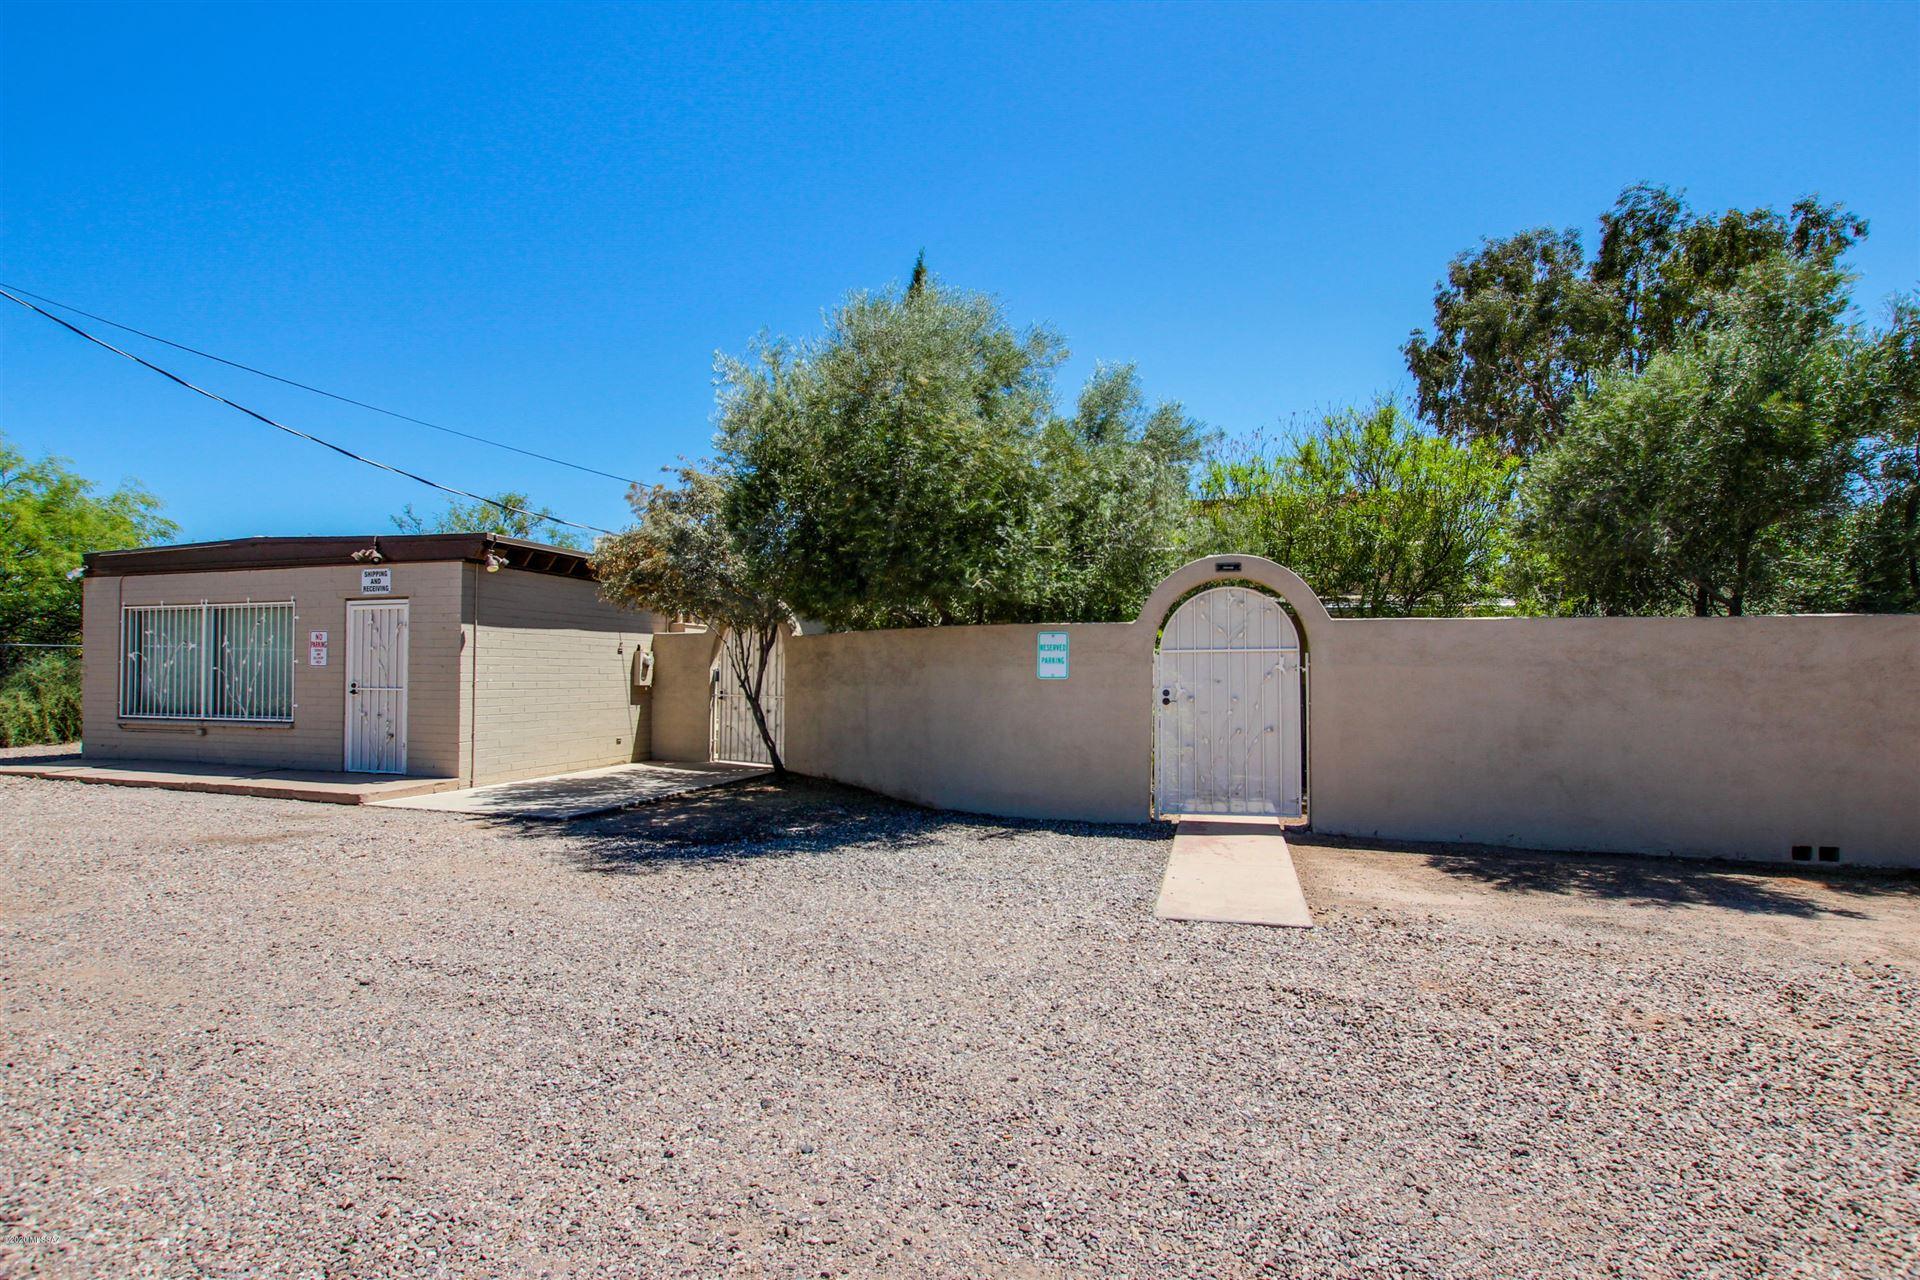 410 E Fort Lowell Road, Tucson, AZ 85705 - MLS#: 22011549